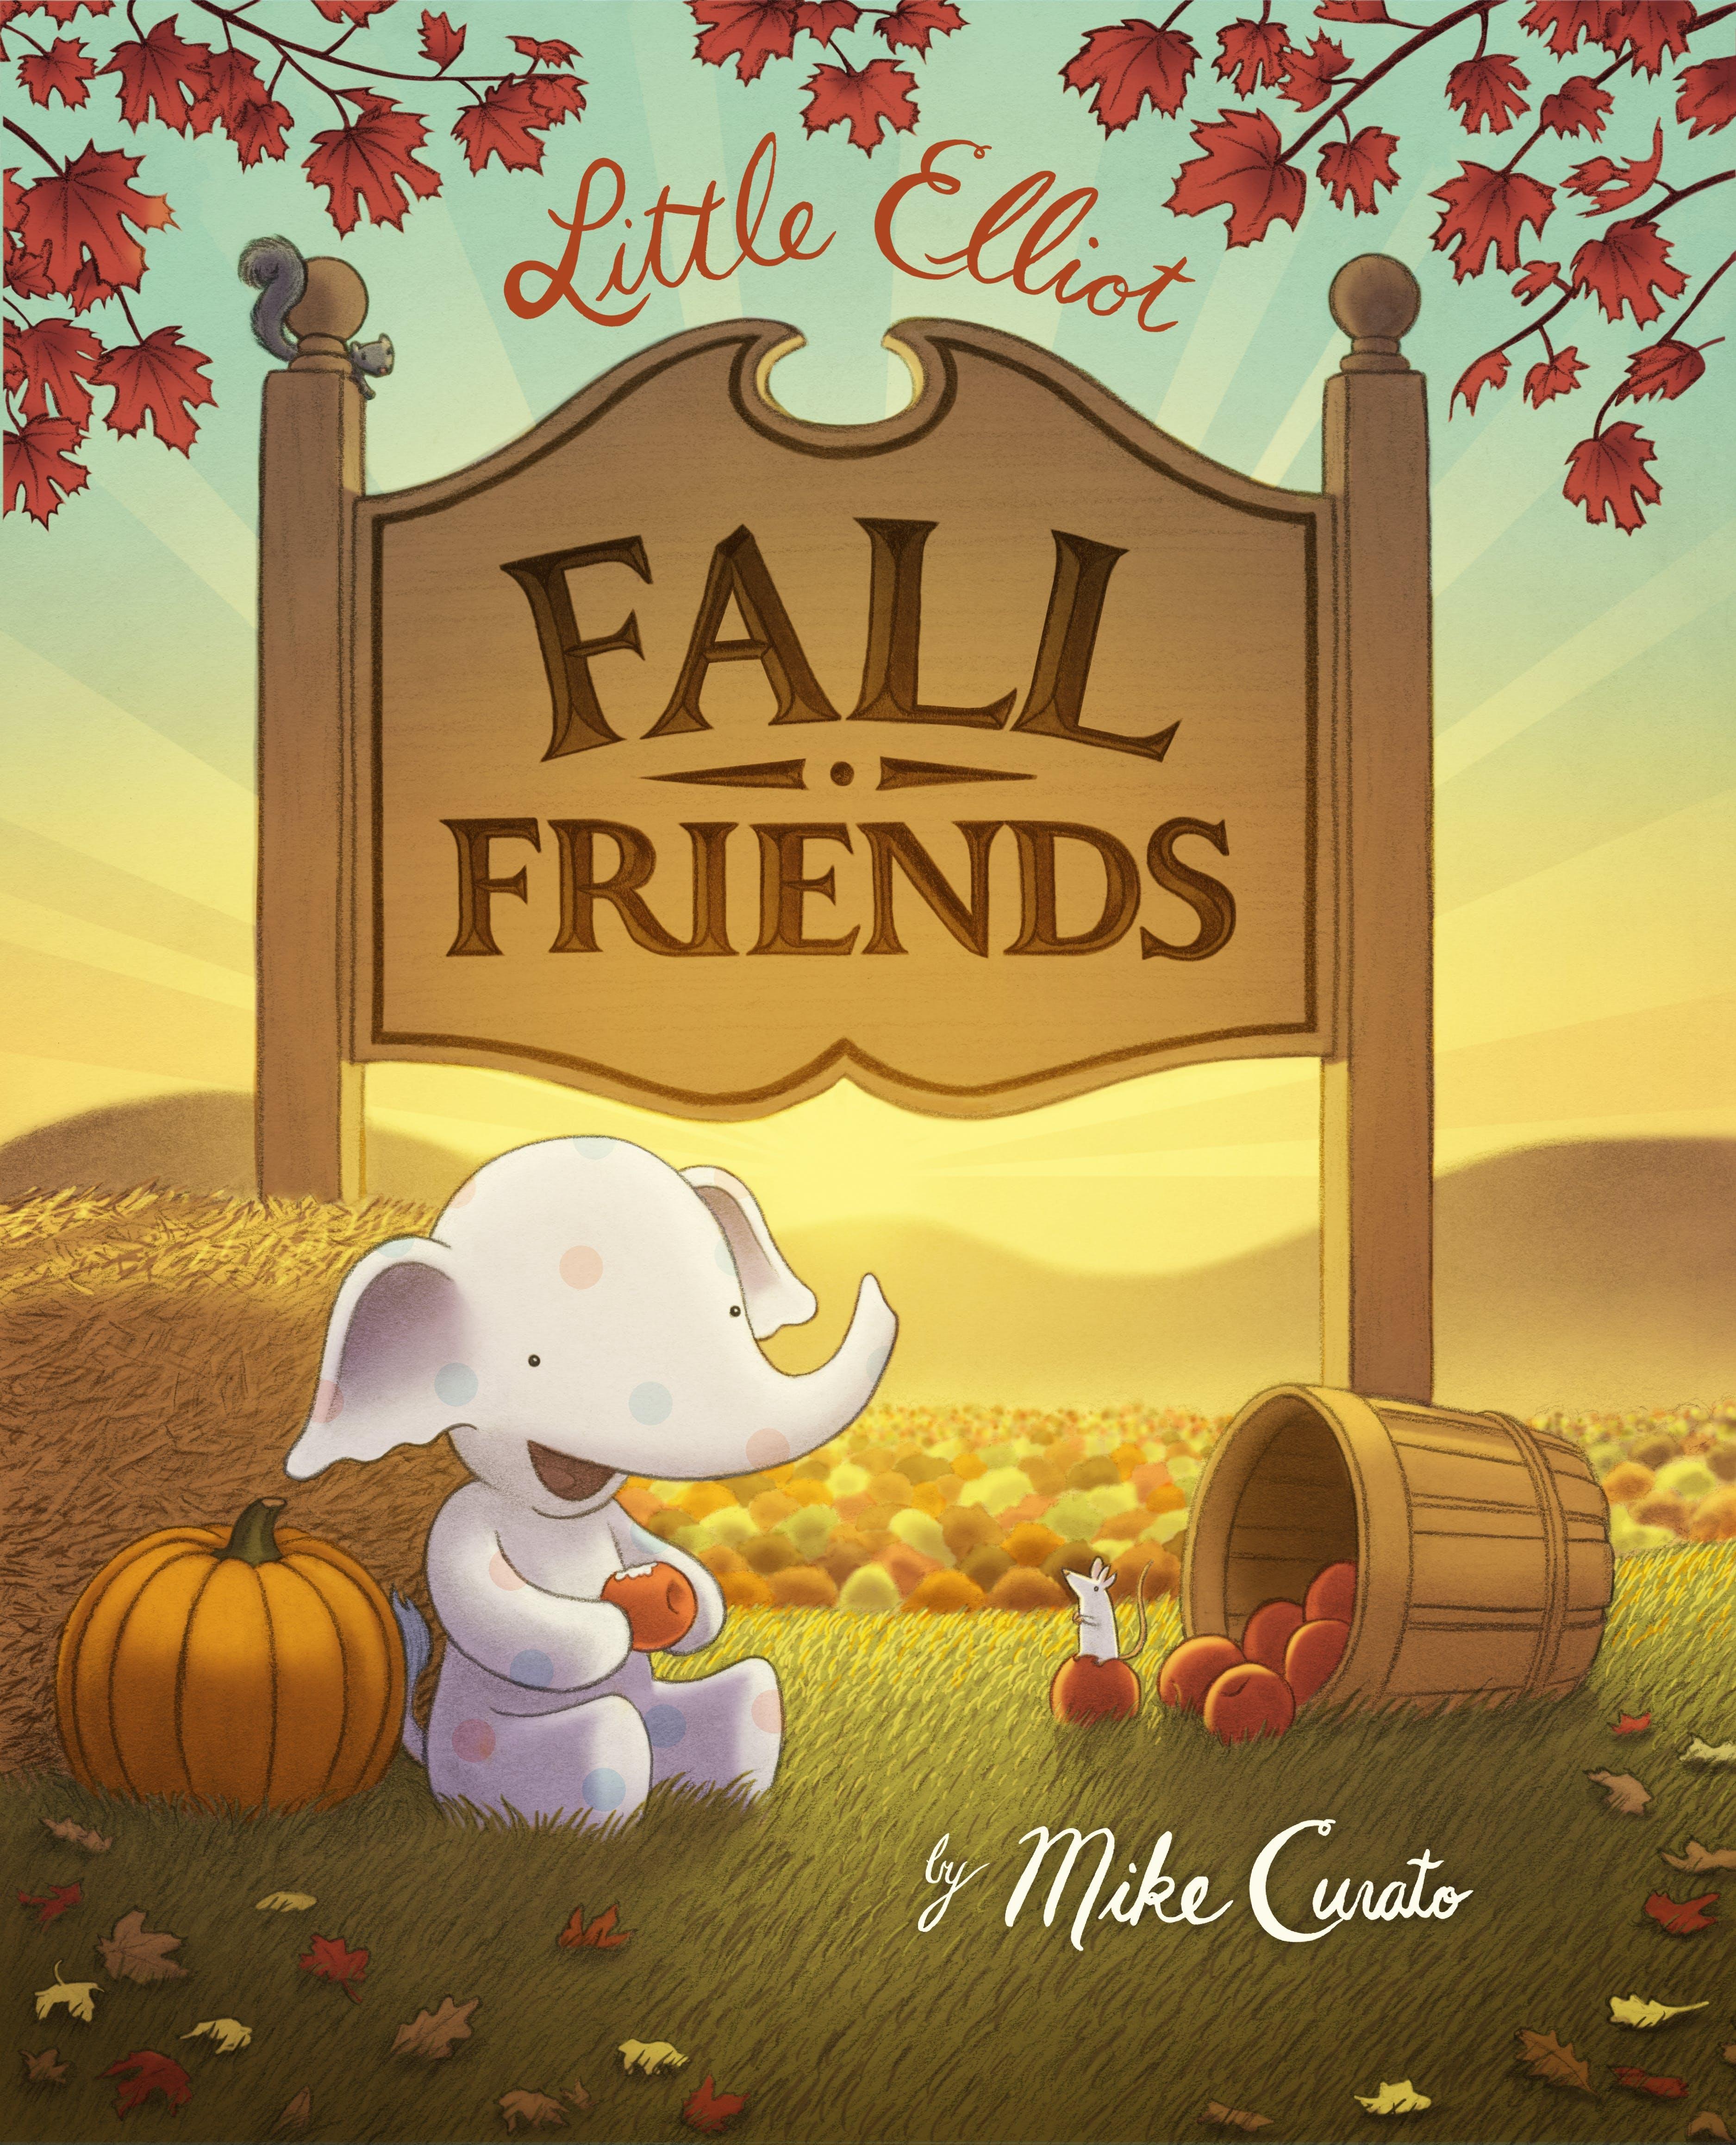 Image of Little Elliot, Fall Friends